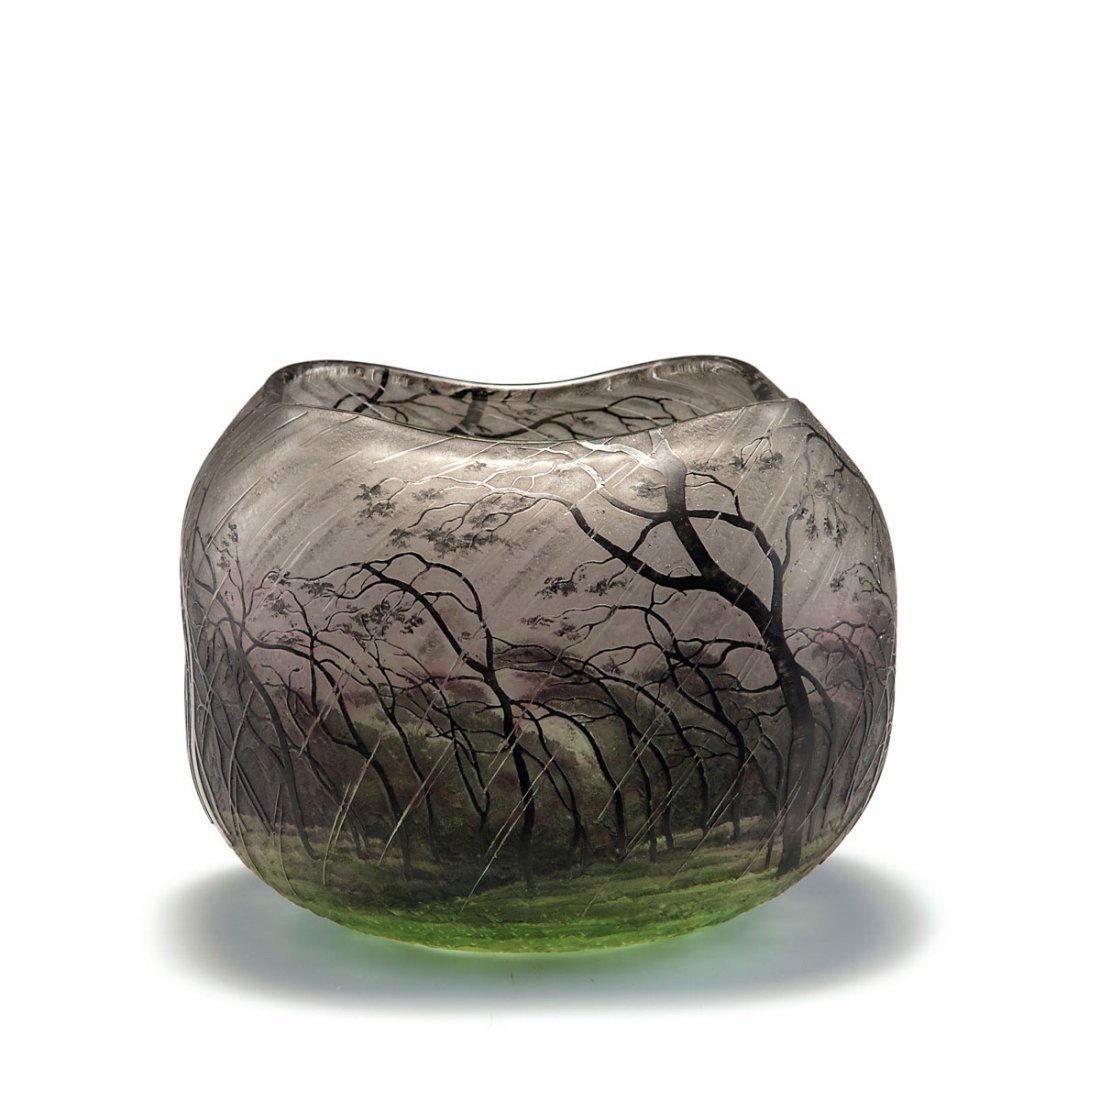 Daum Freres, Nancy. 'Pluviose' vase, c1900. H. 11.5 cm.